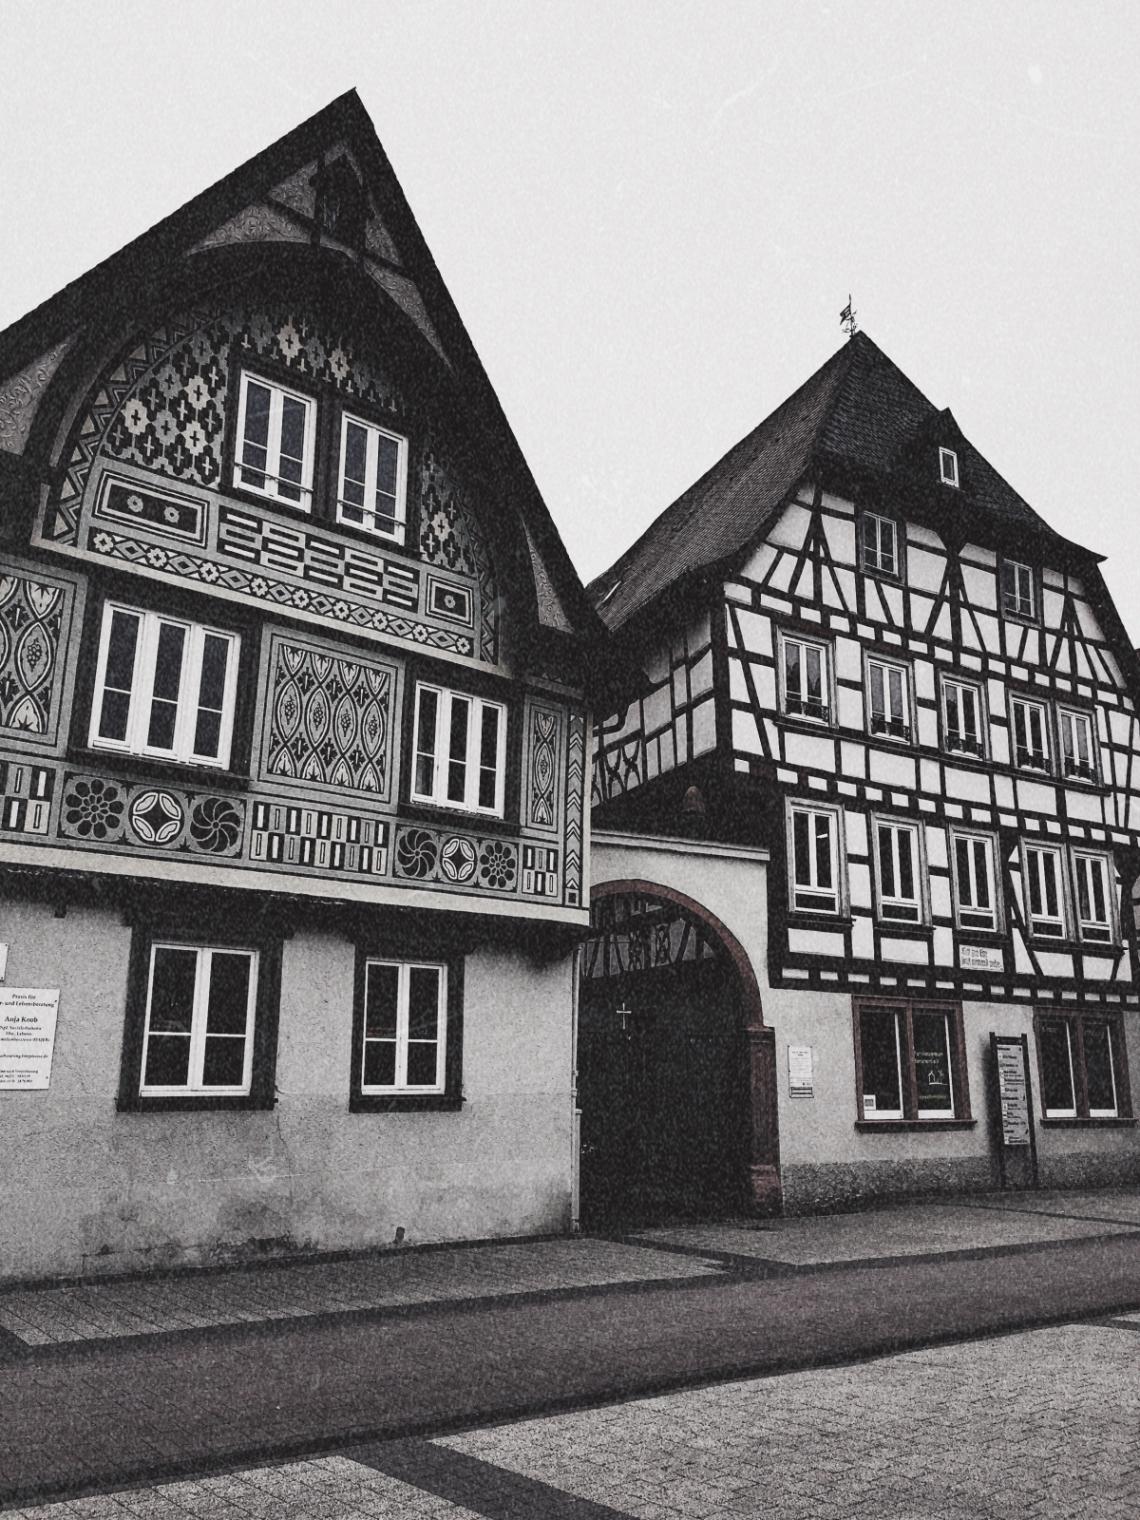 bensheimauerbach